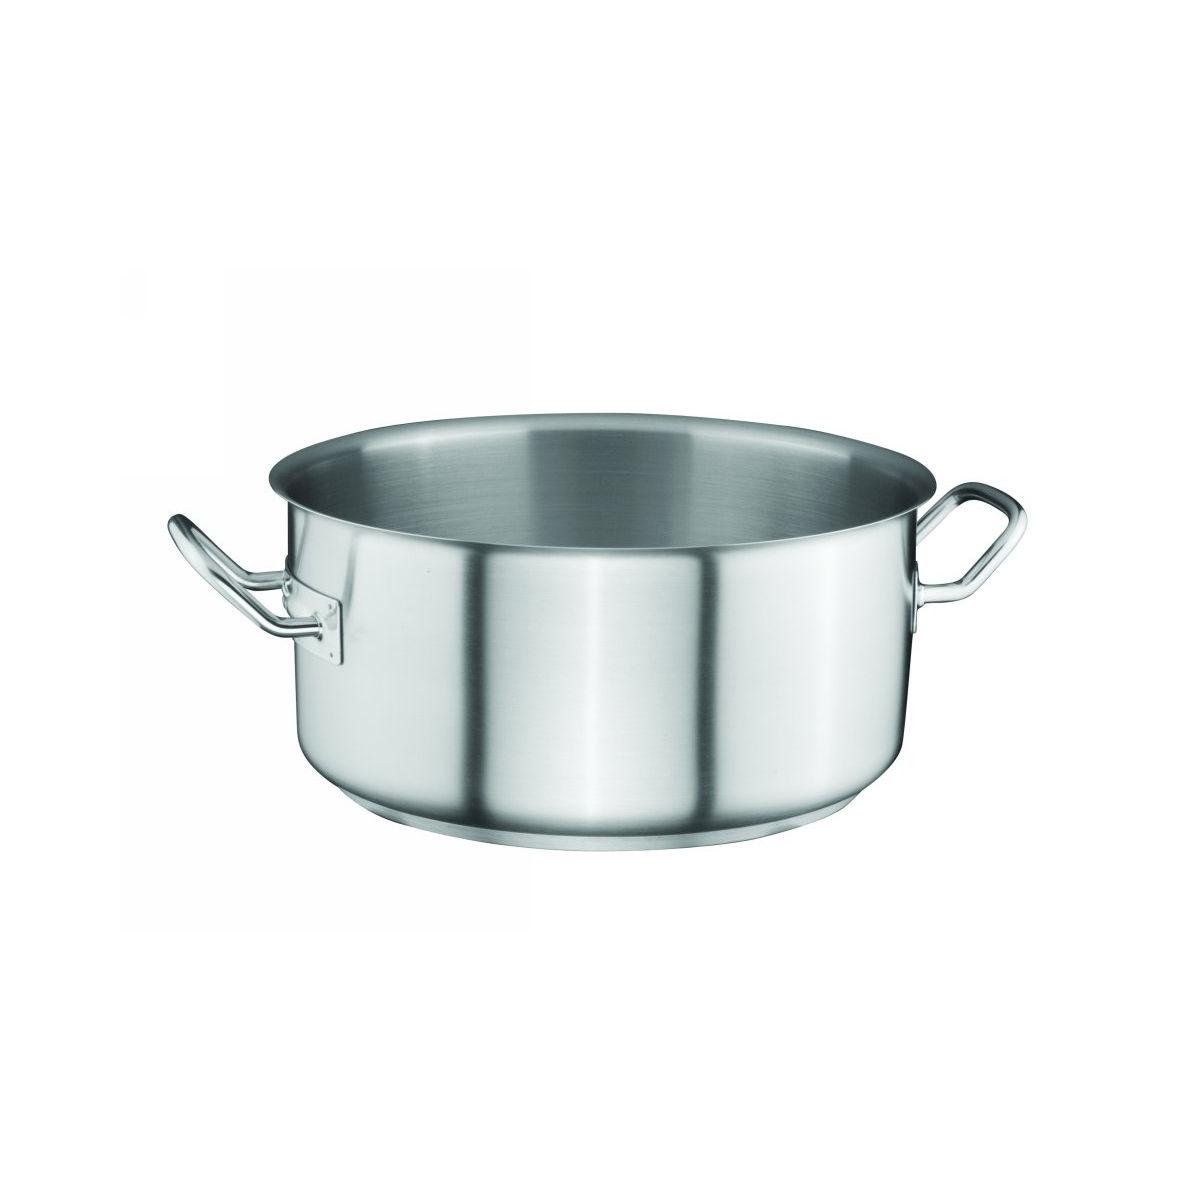 Cratita Gastro Inox 35 L / 50*20 Cm 2021 aranjareamesei.ro